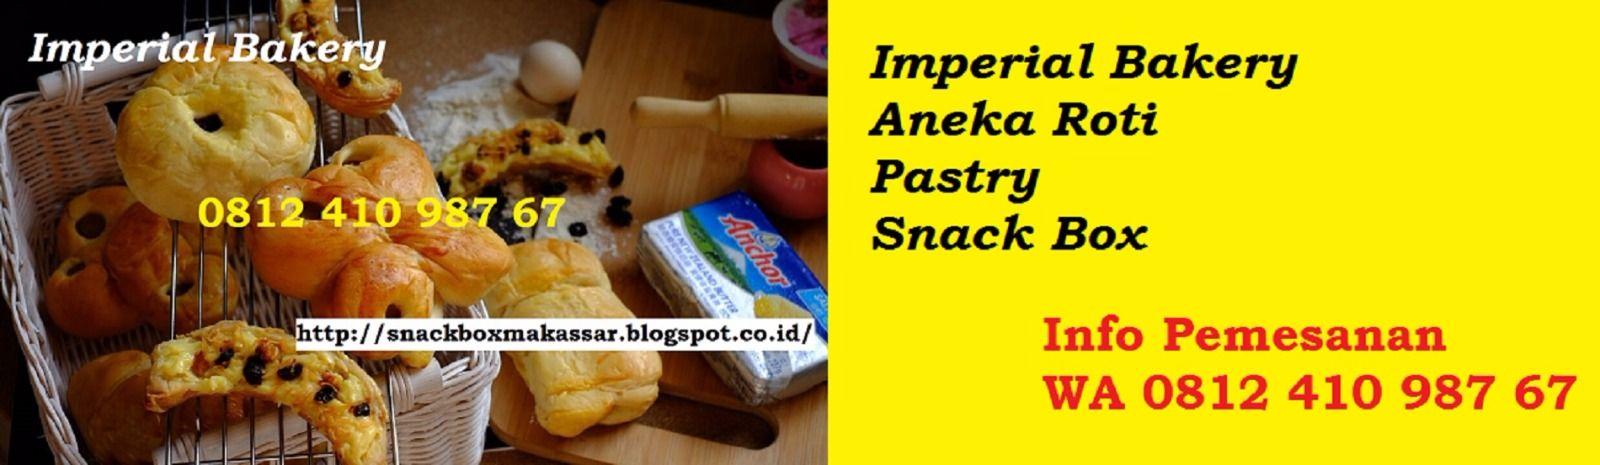 Contoh Isi Kue Kotak Makassar Daftar Harga Kue Kotak Makassar Jual